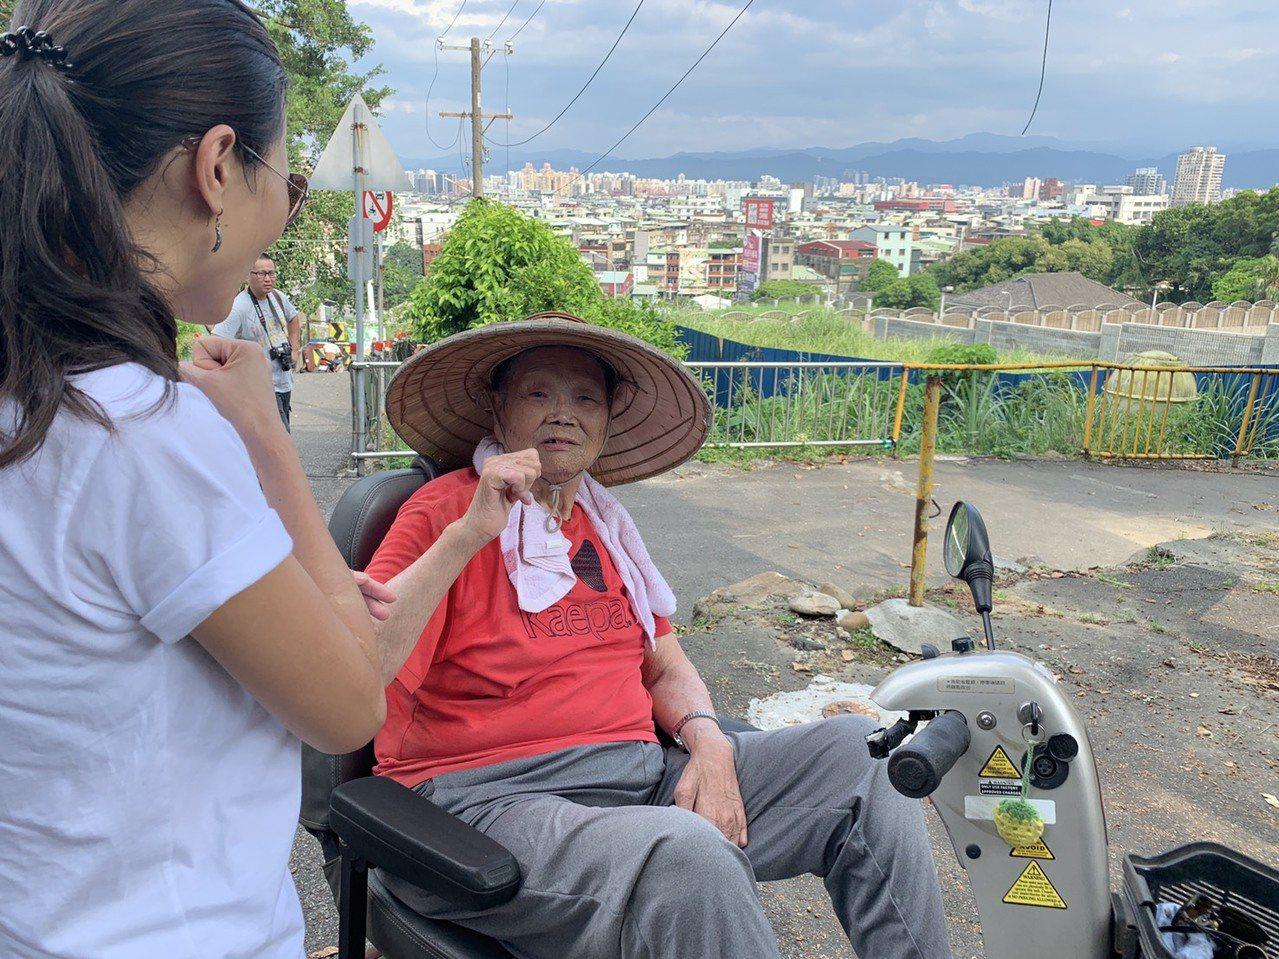 樂生自救會榮譽會長李添培今年85歲,他說,樂生雖然被隔離,但自成一個小社會、小世...